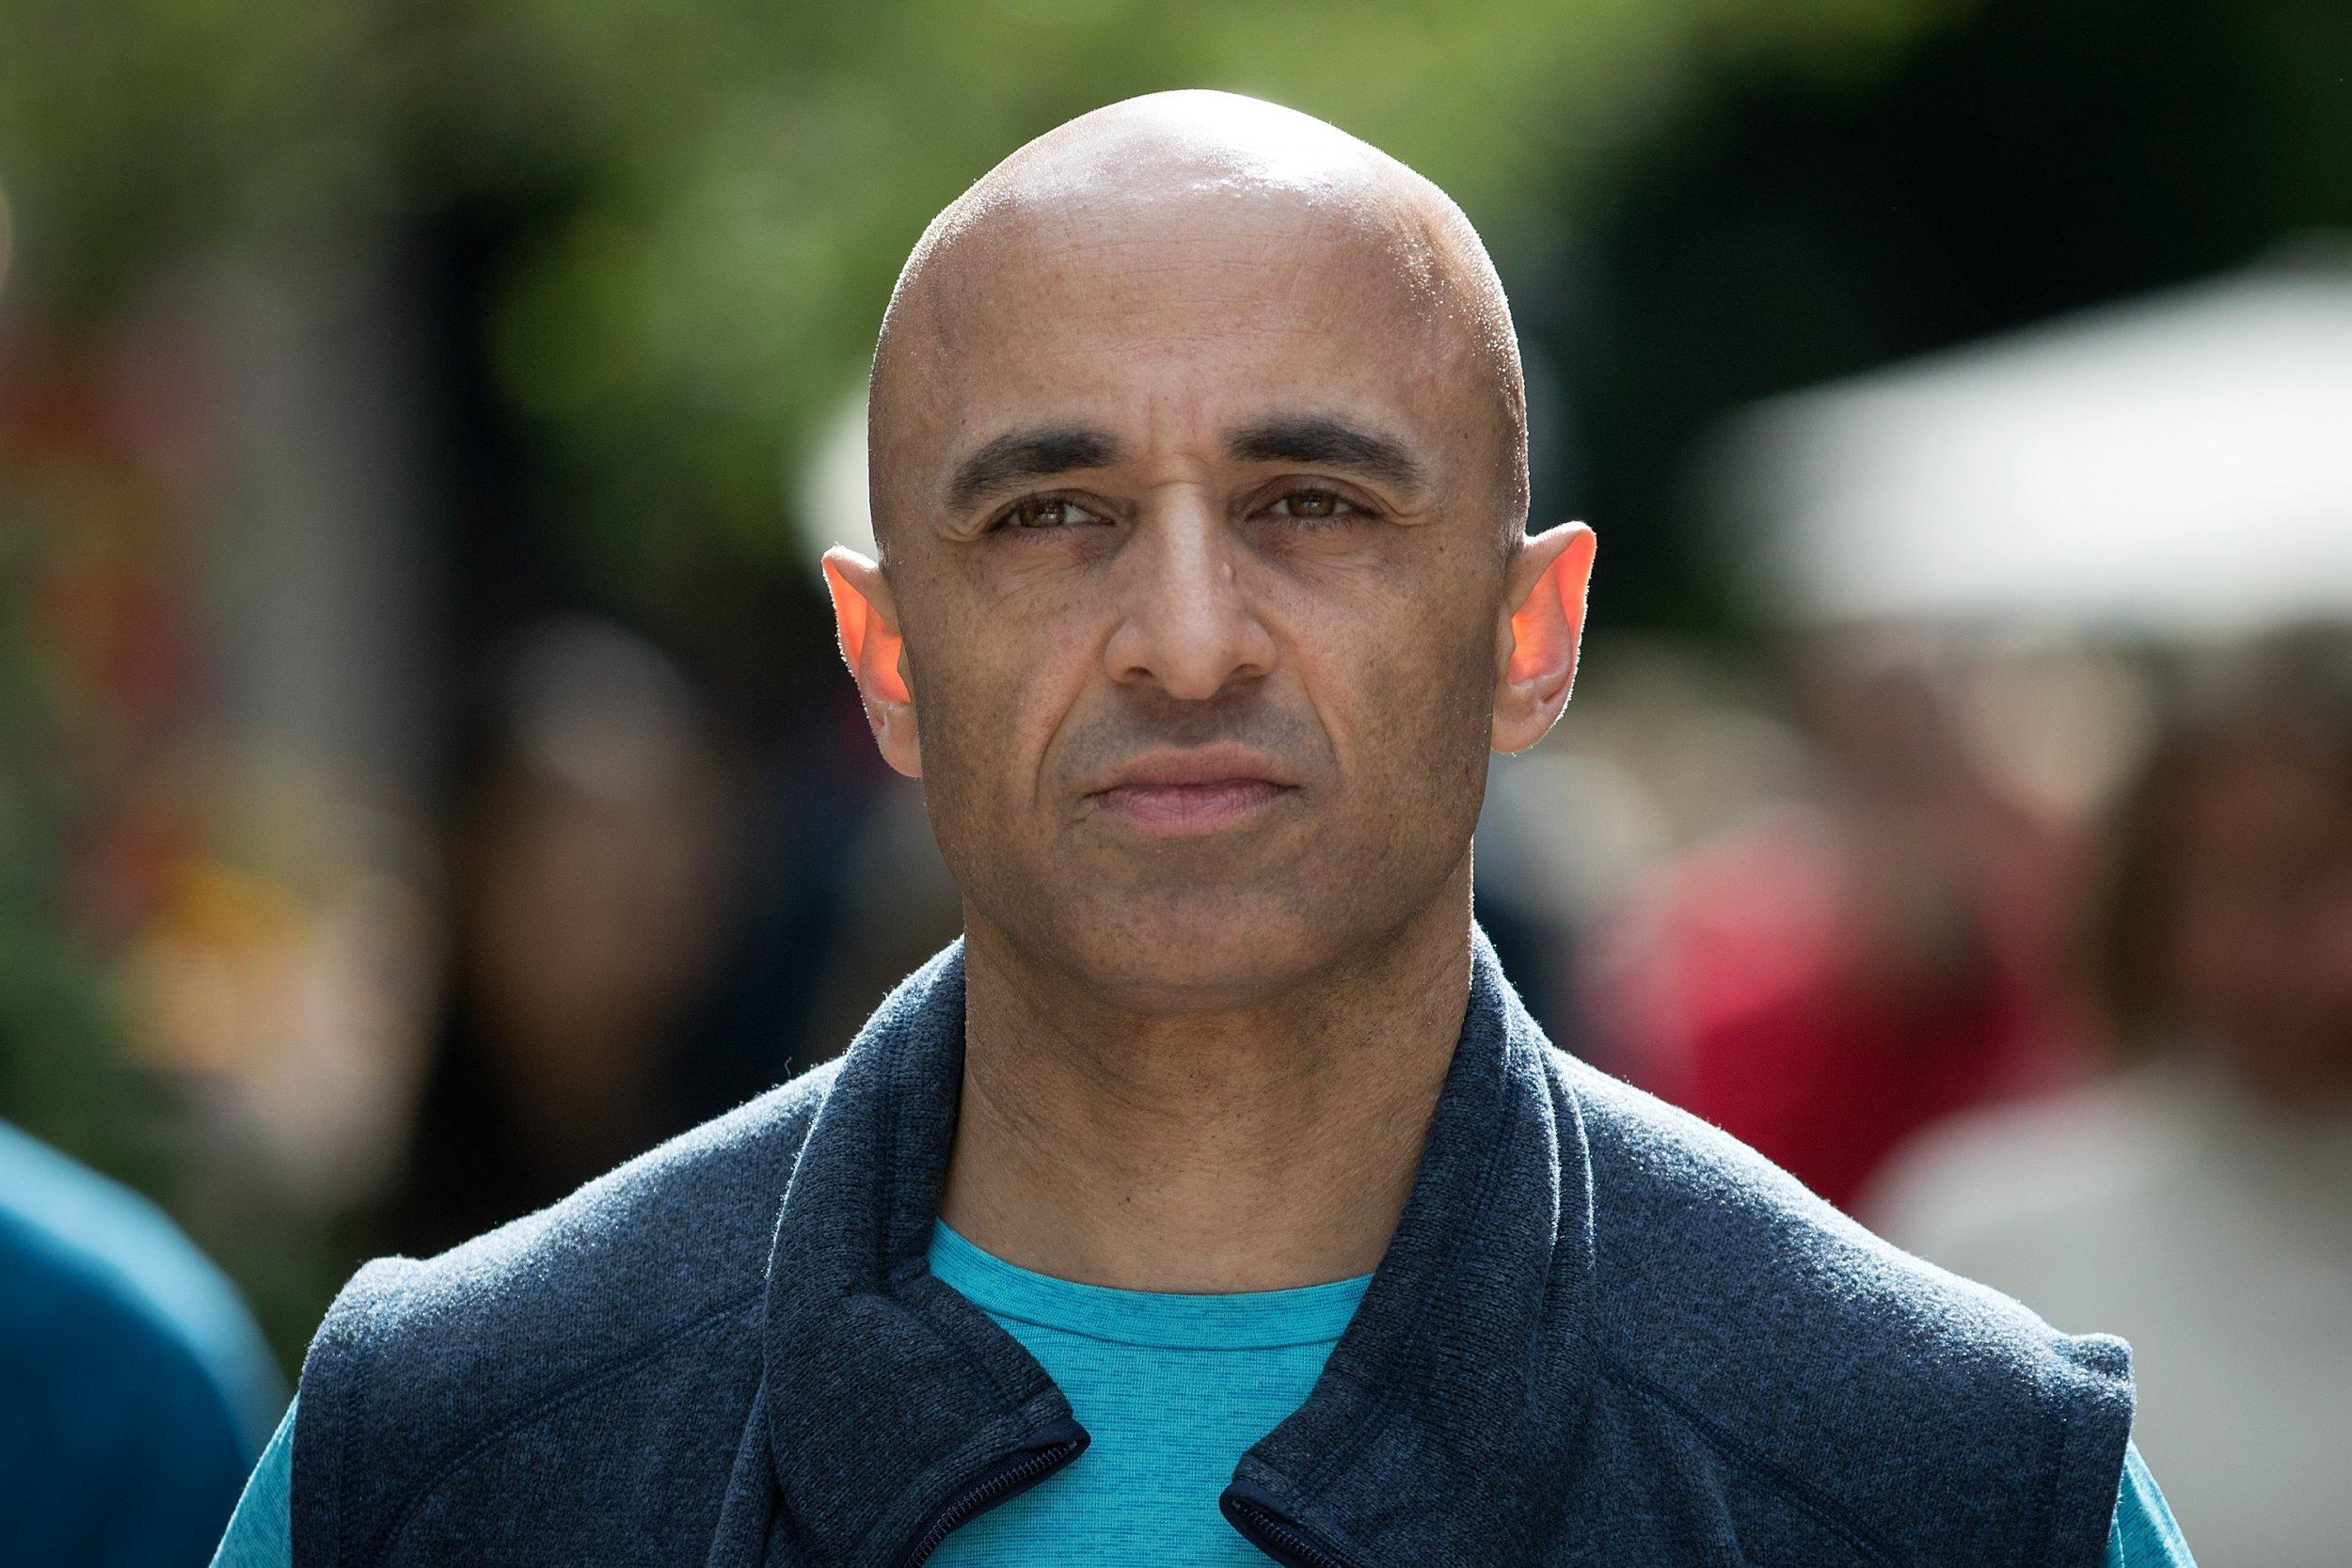 Yousef Al Otaiba, United Arab Emirates Ambassador to the United States